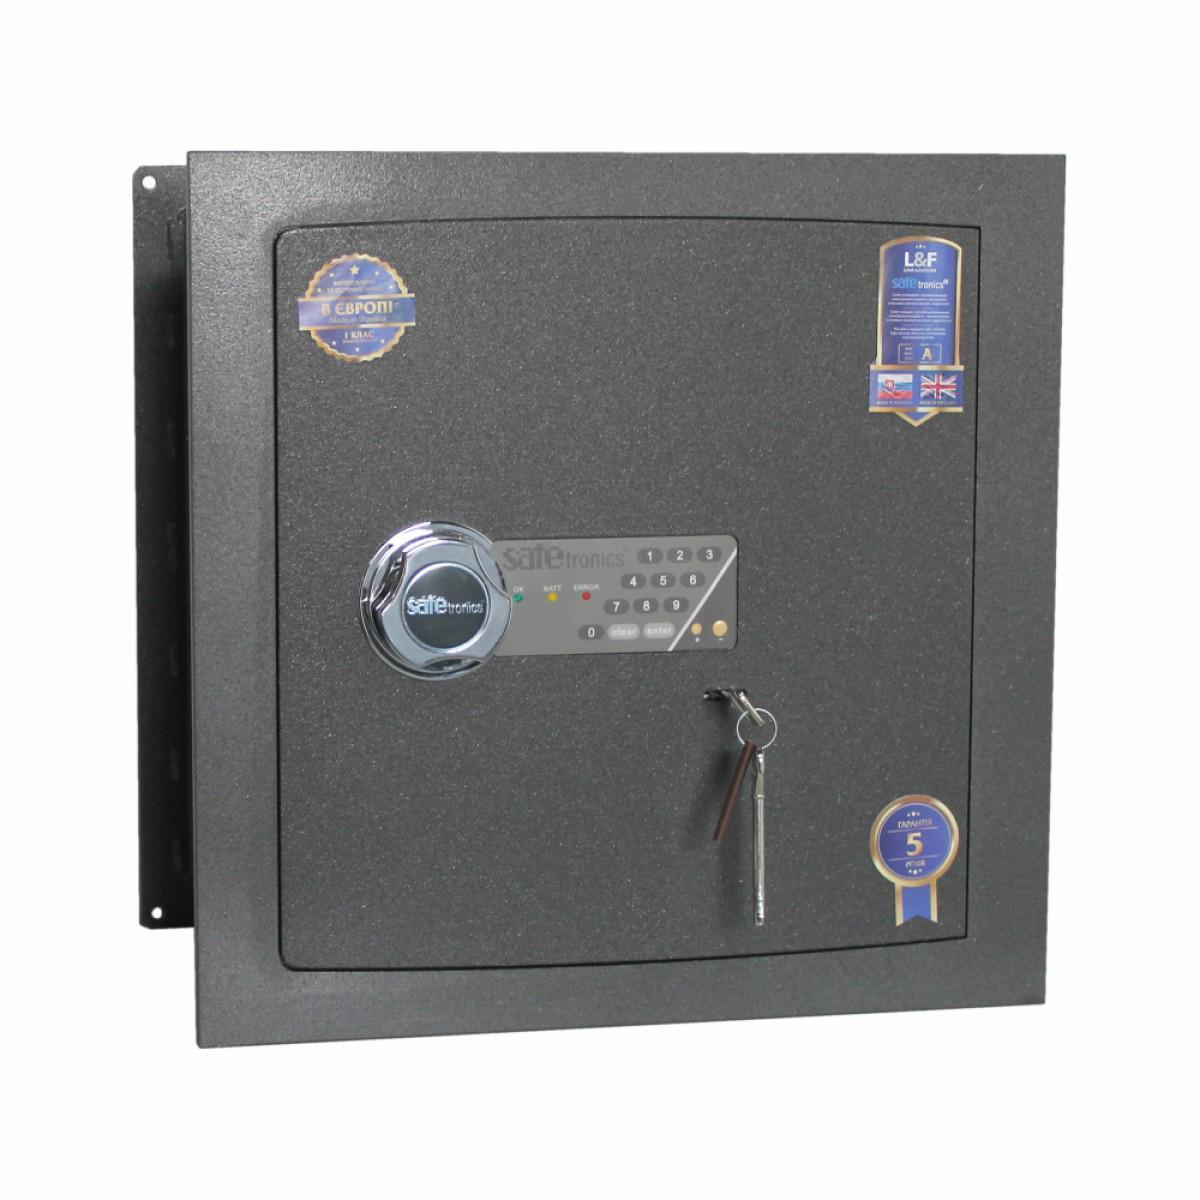 Сейф встраиваемый Safetronics  STR  39E-Ms